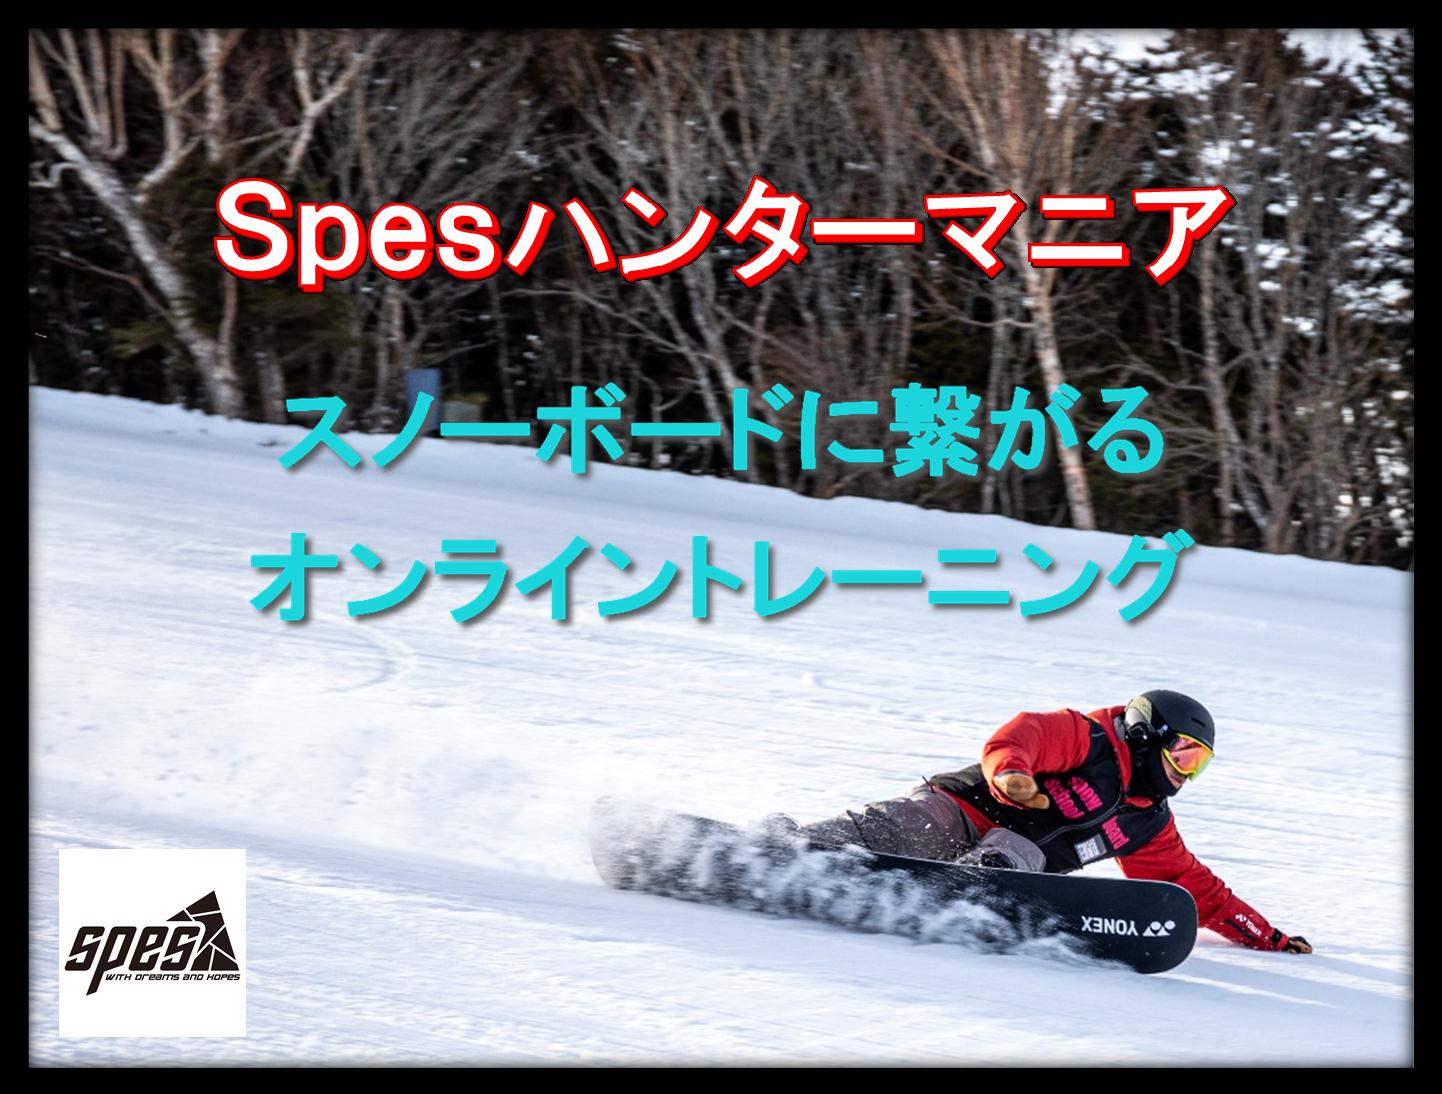 『Spesハンターマニア ~スノーボードに繋がるオンライントレーニング~』6月予約受付開始!!